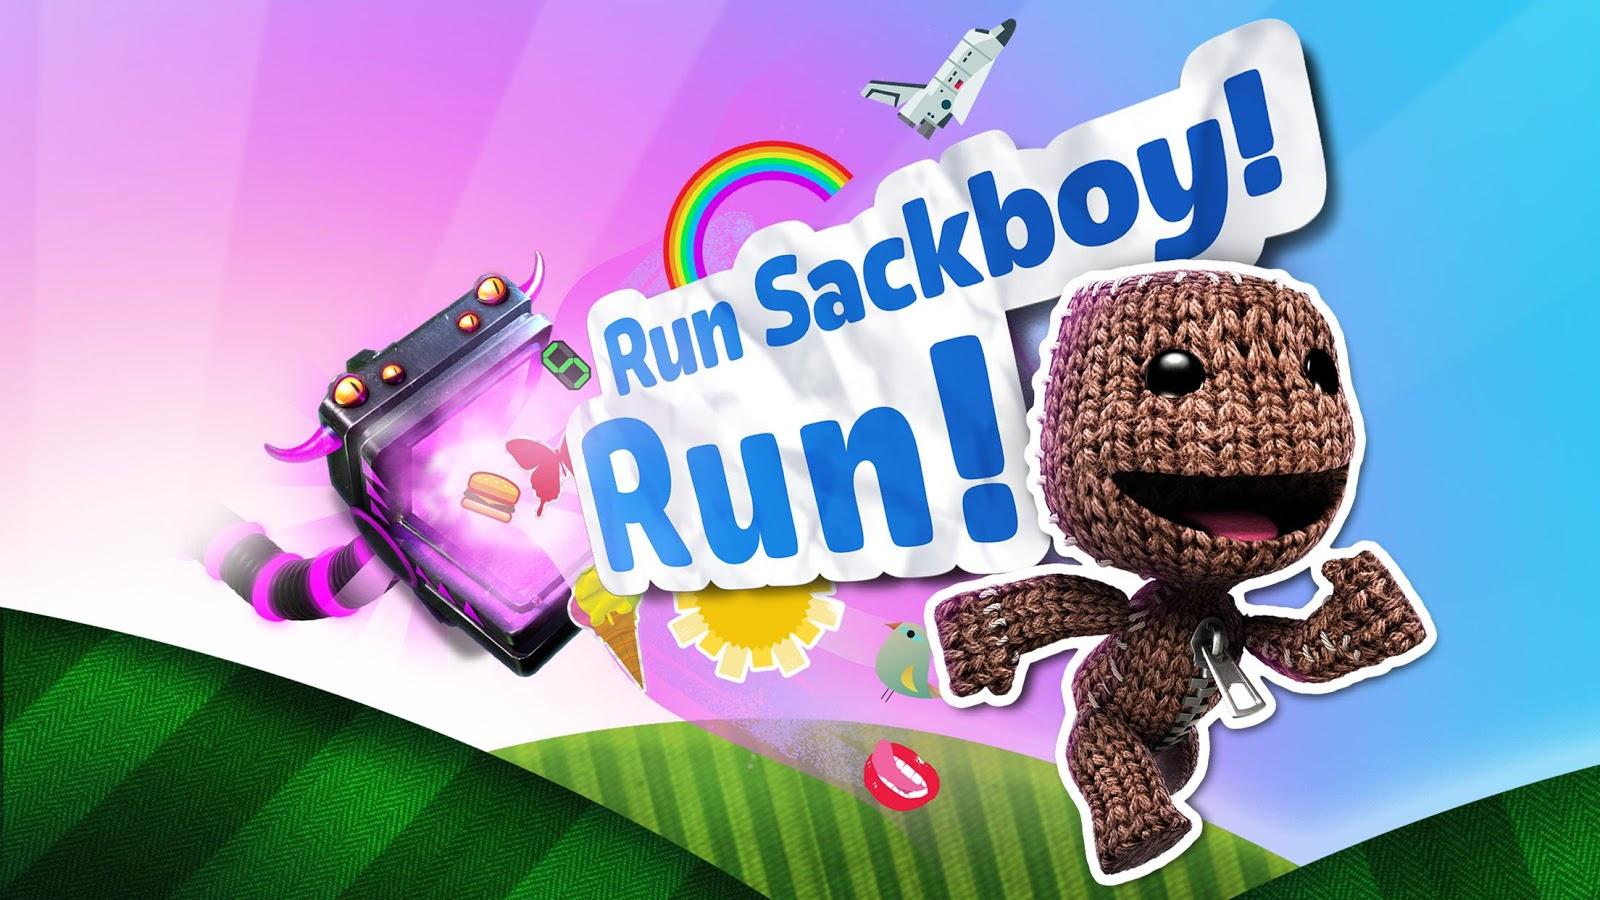 Run sackboy run скачать на компьютер